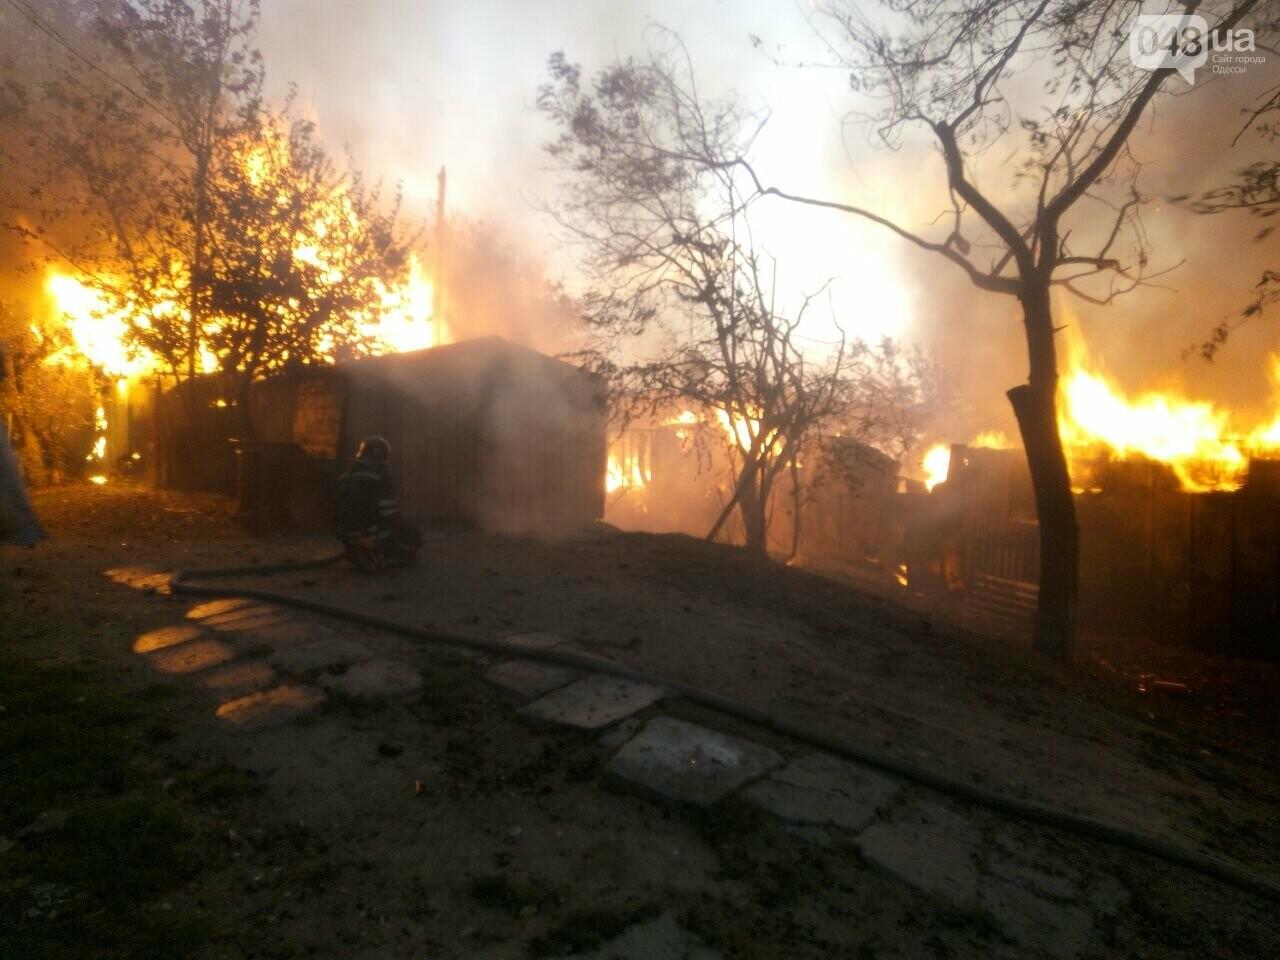 В Одессе случился масштабный пожар: горели рыбацкие домики, - ФОТО1